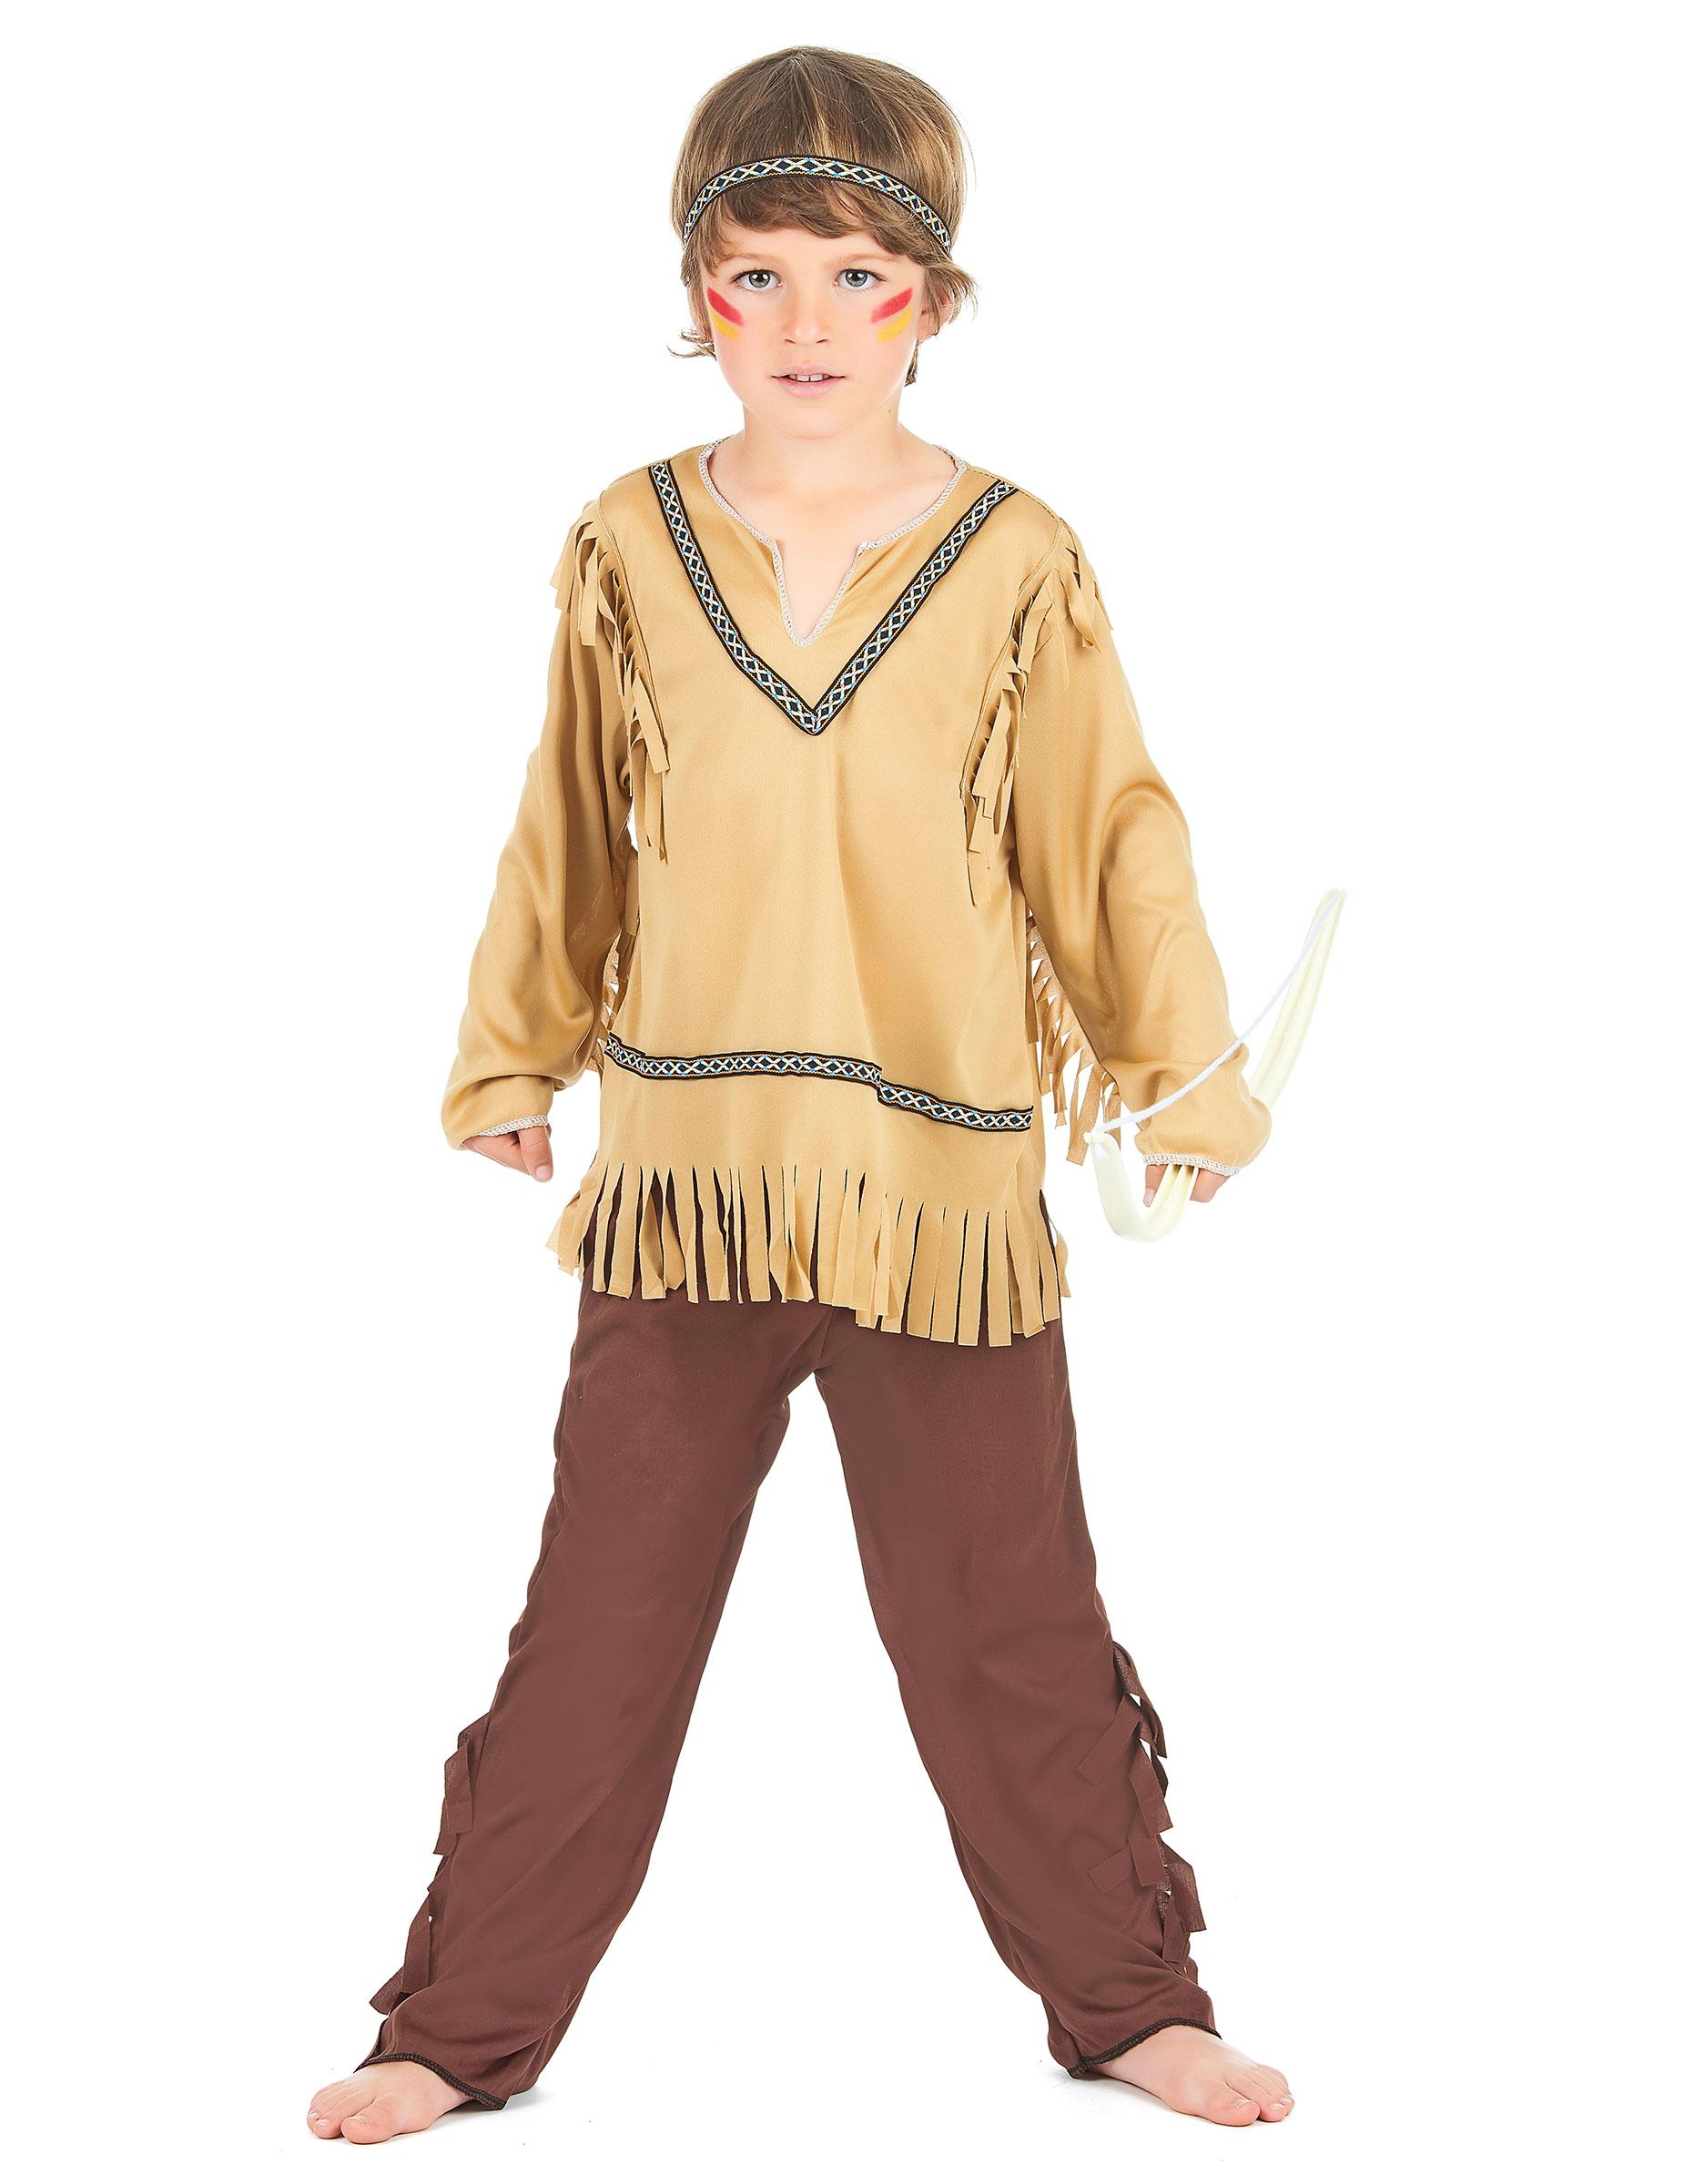 bf980200a37e7 Disfraz indio niño clásico  Disfraces niños